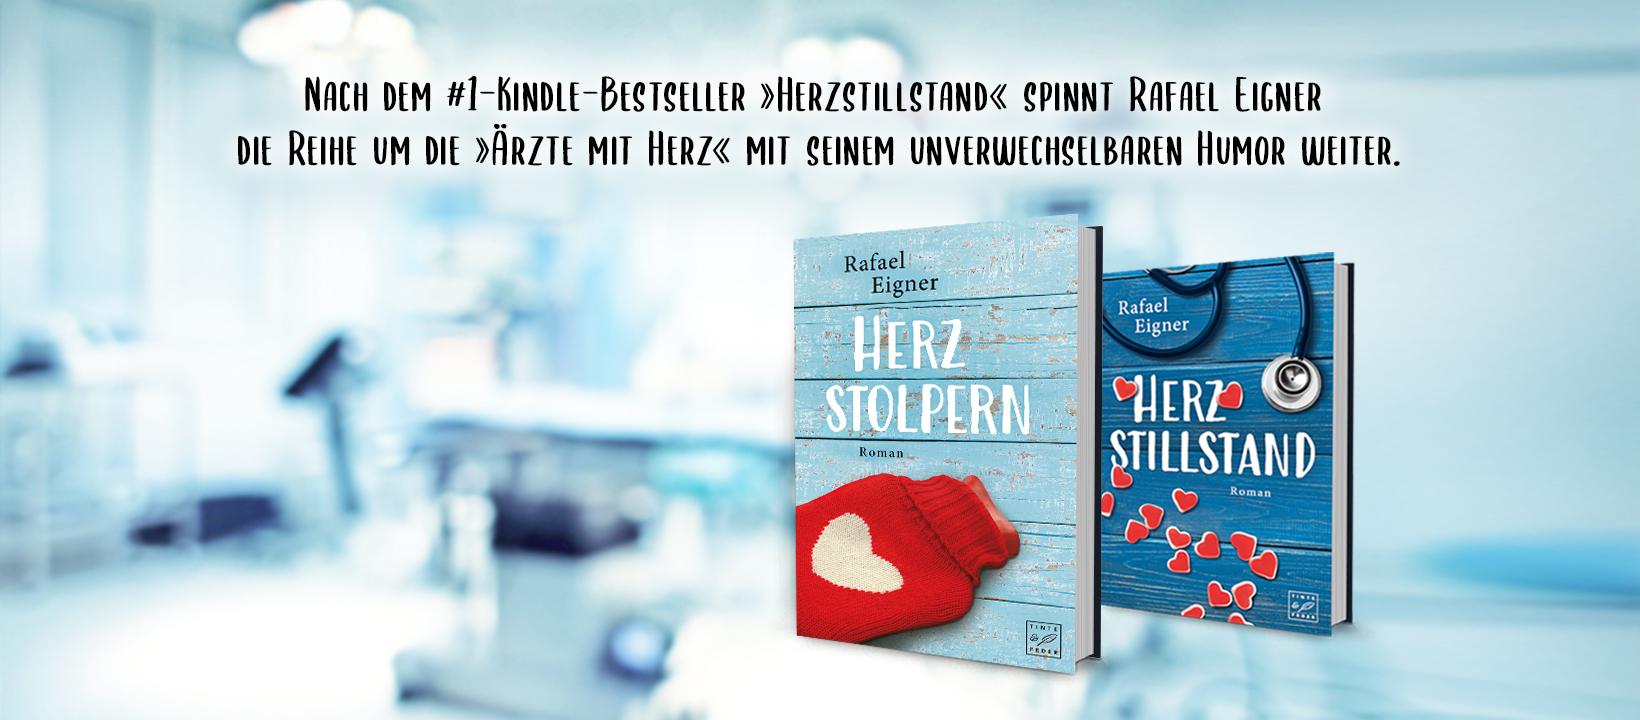 FB_Eigner_Herzstolpern_serie1